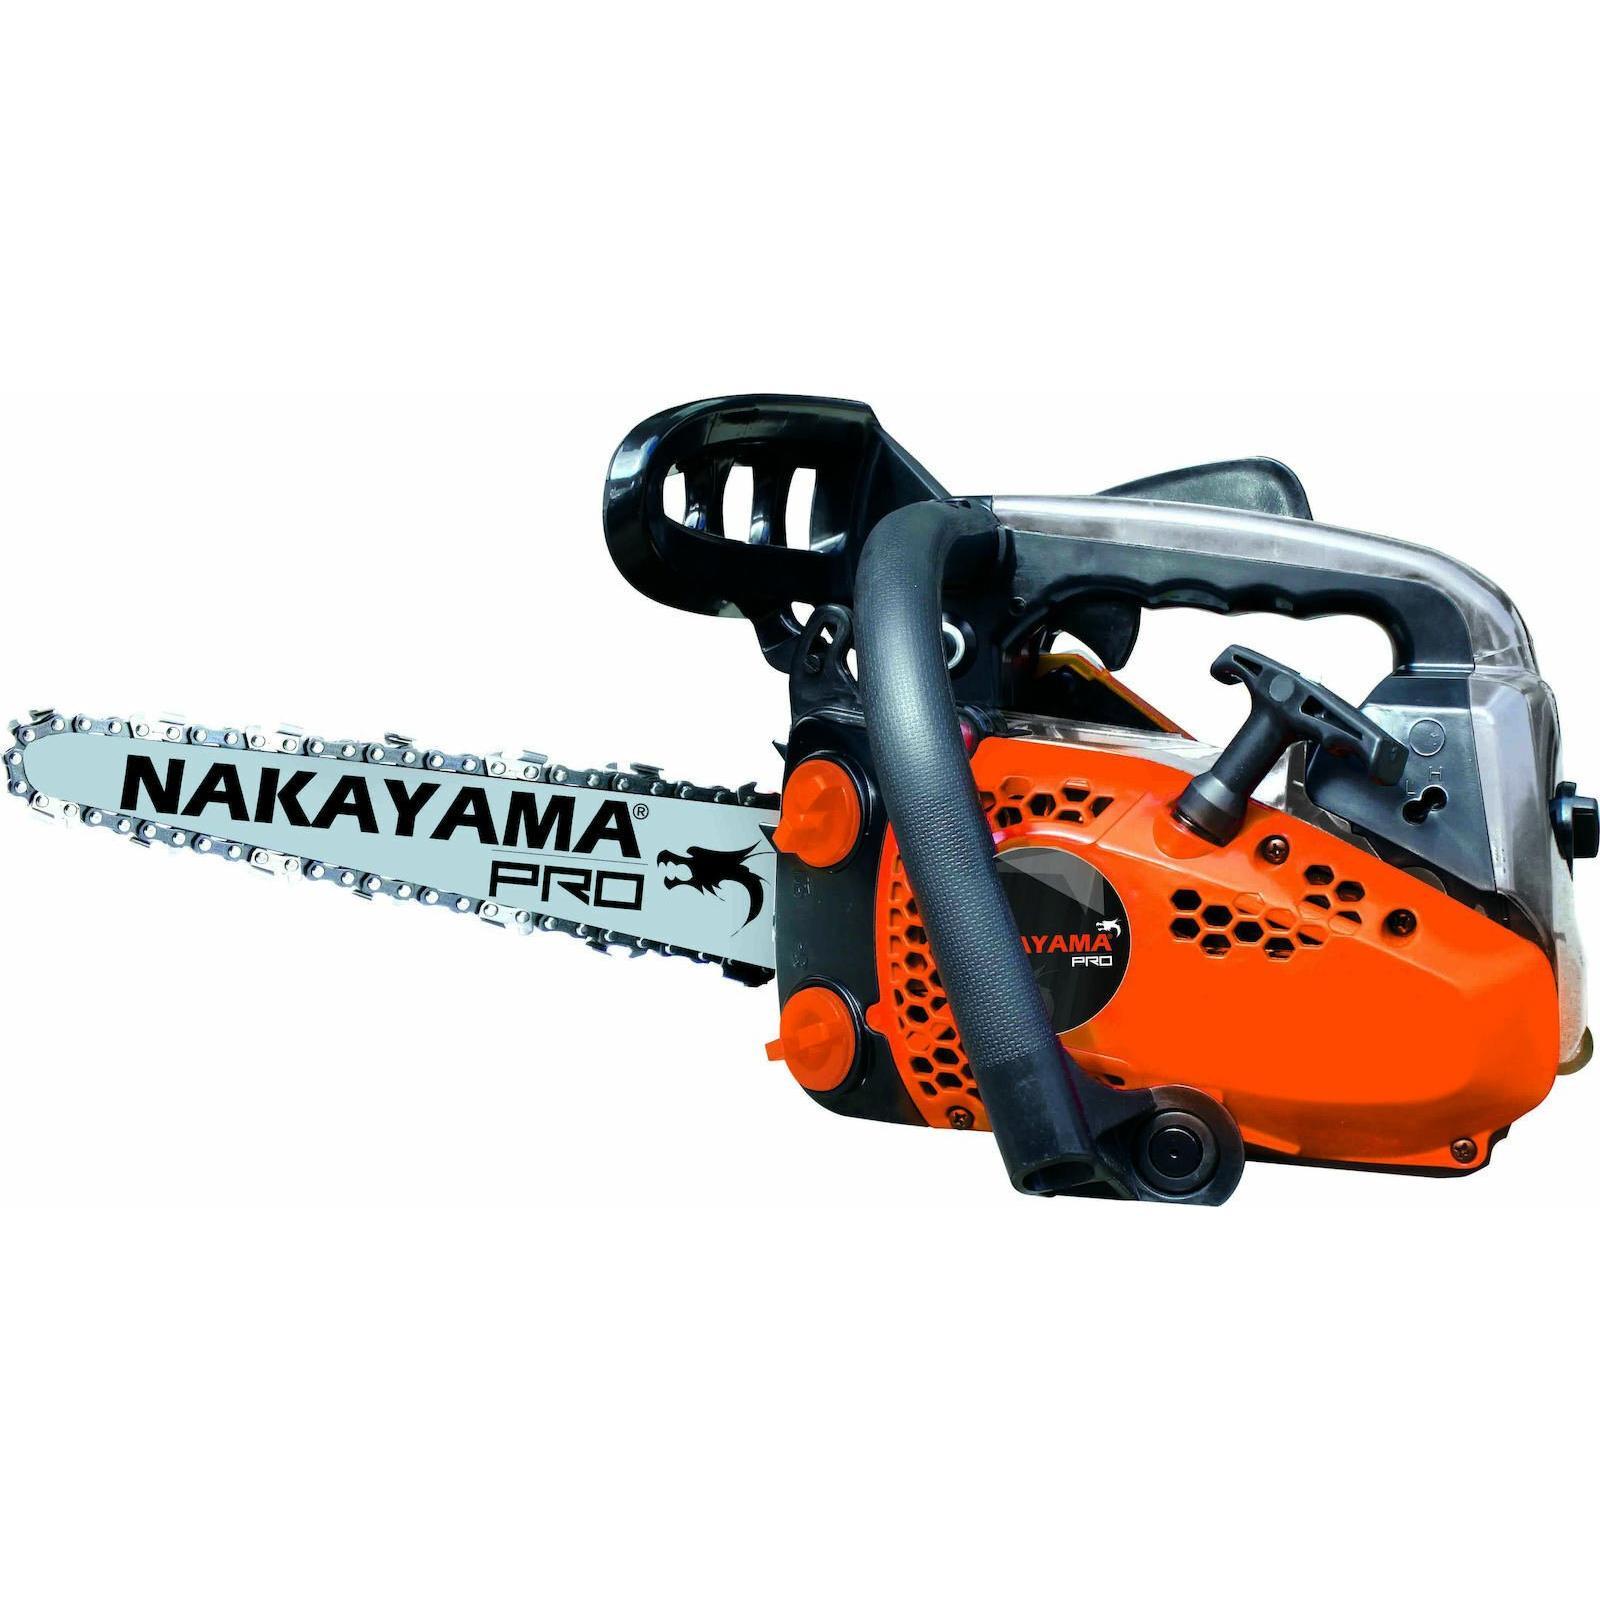 20201022161409 nakayama pc3530 030652 25cm 1